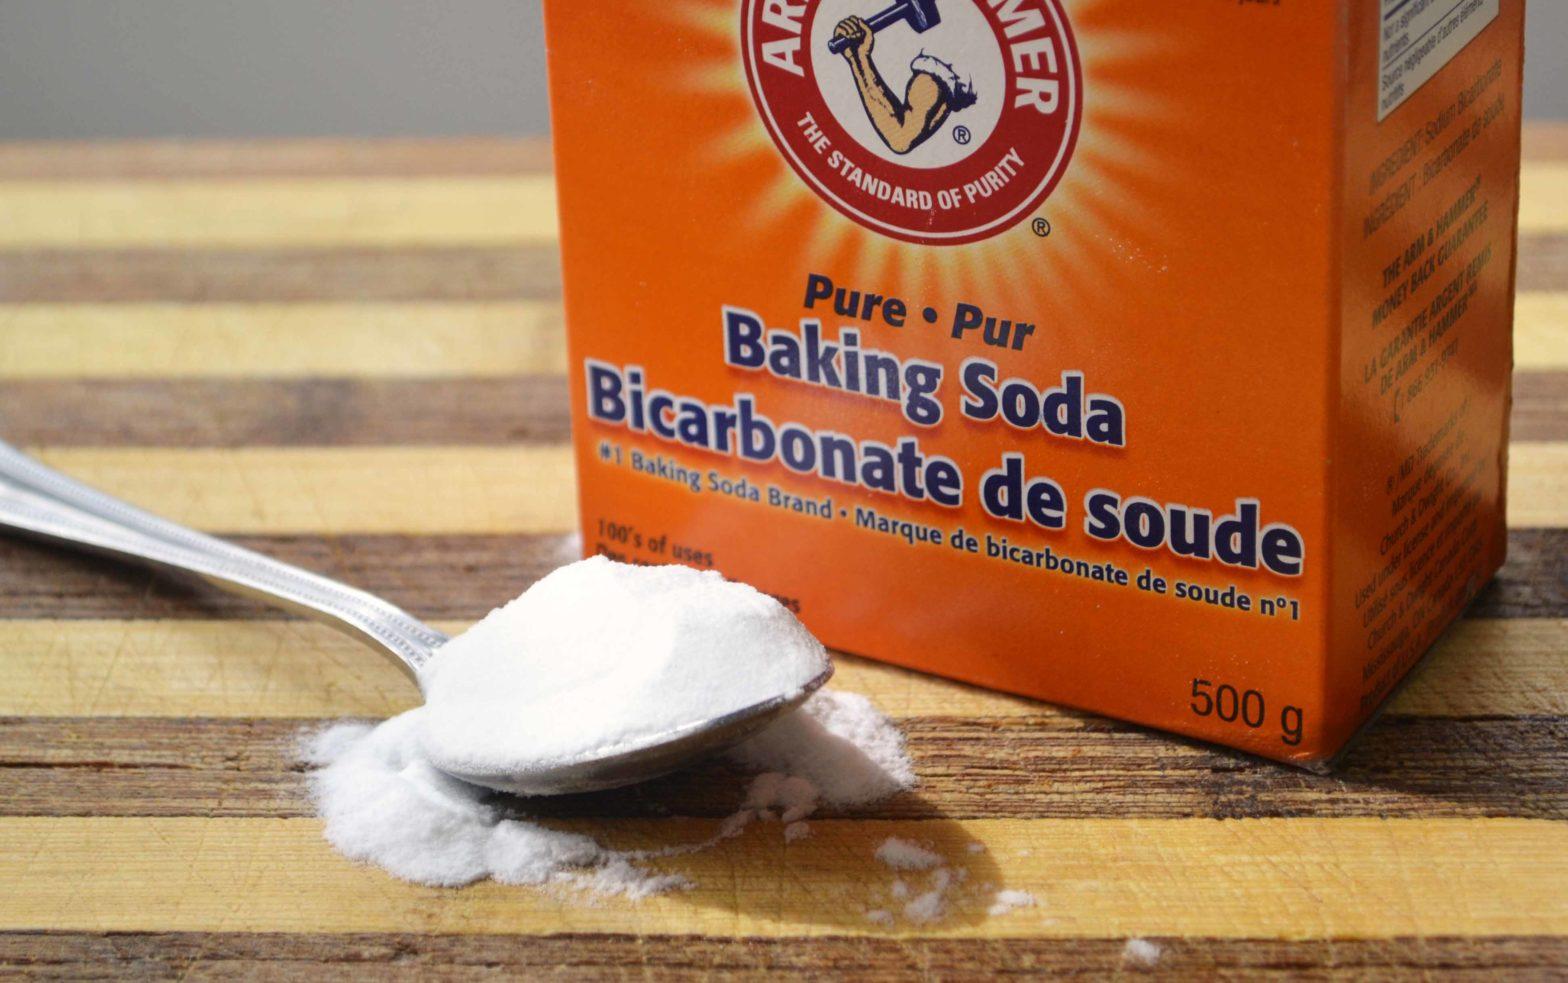 Does Baking Soda provide athletics benefits in endurance athletes?